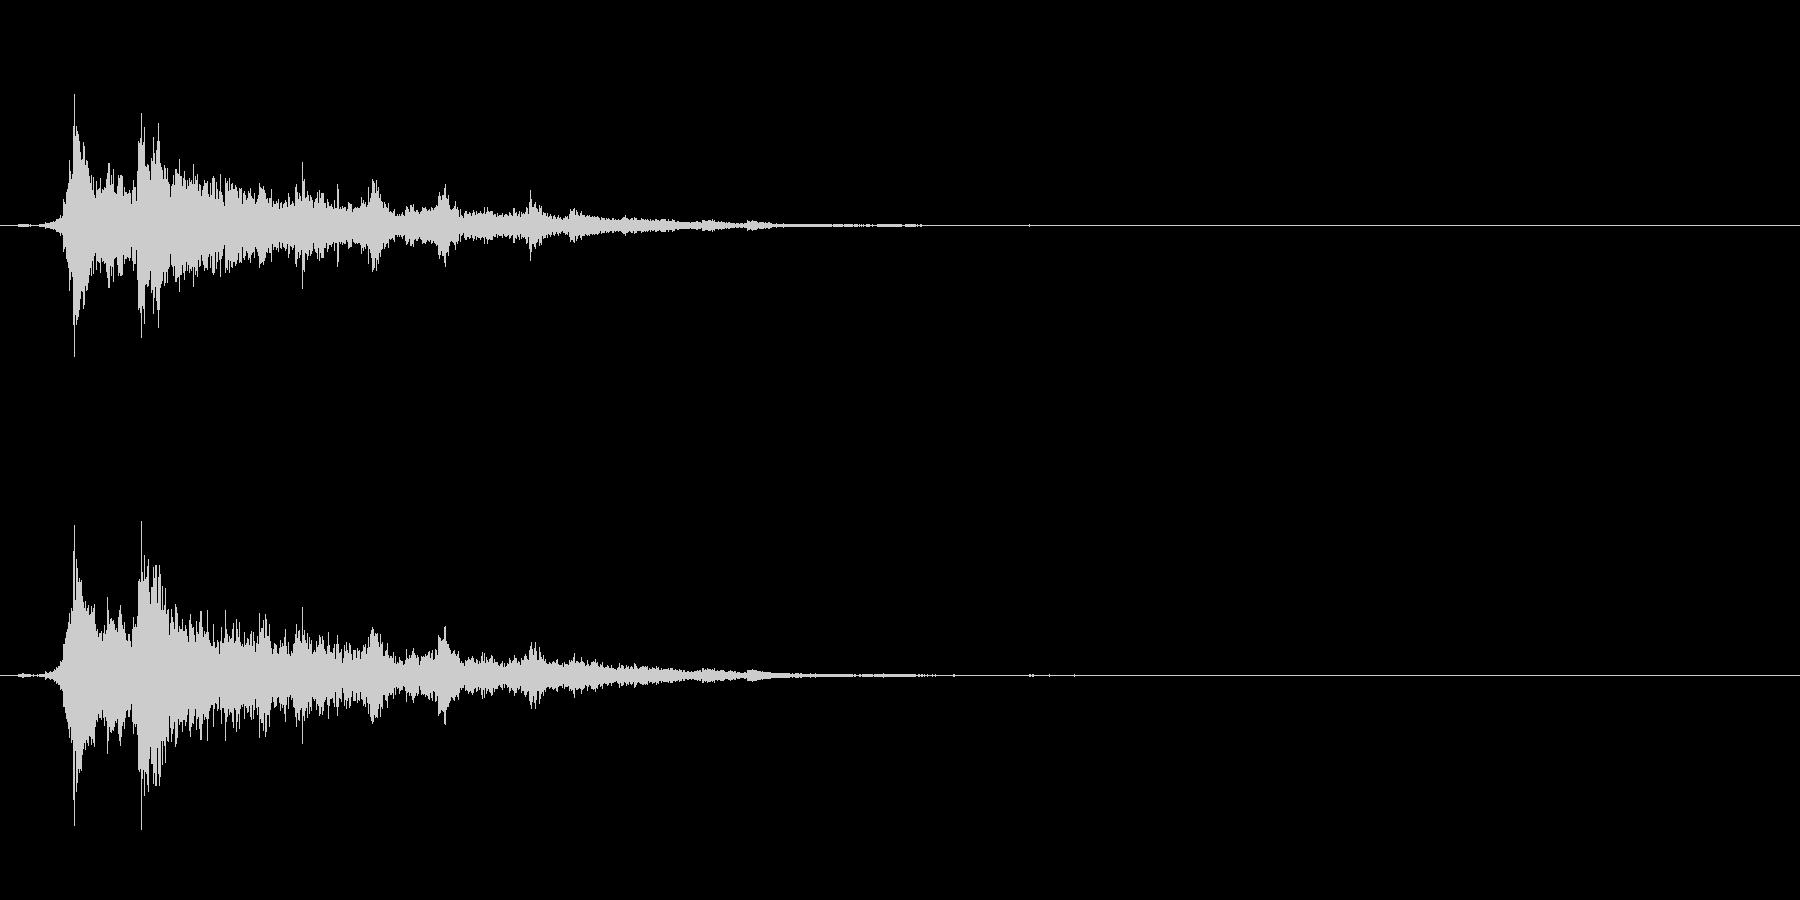 重めの鈴の音「えきろ」の単発音1+Fxの未再生の波形